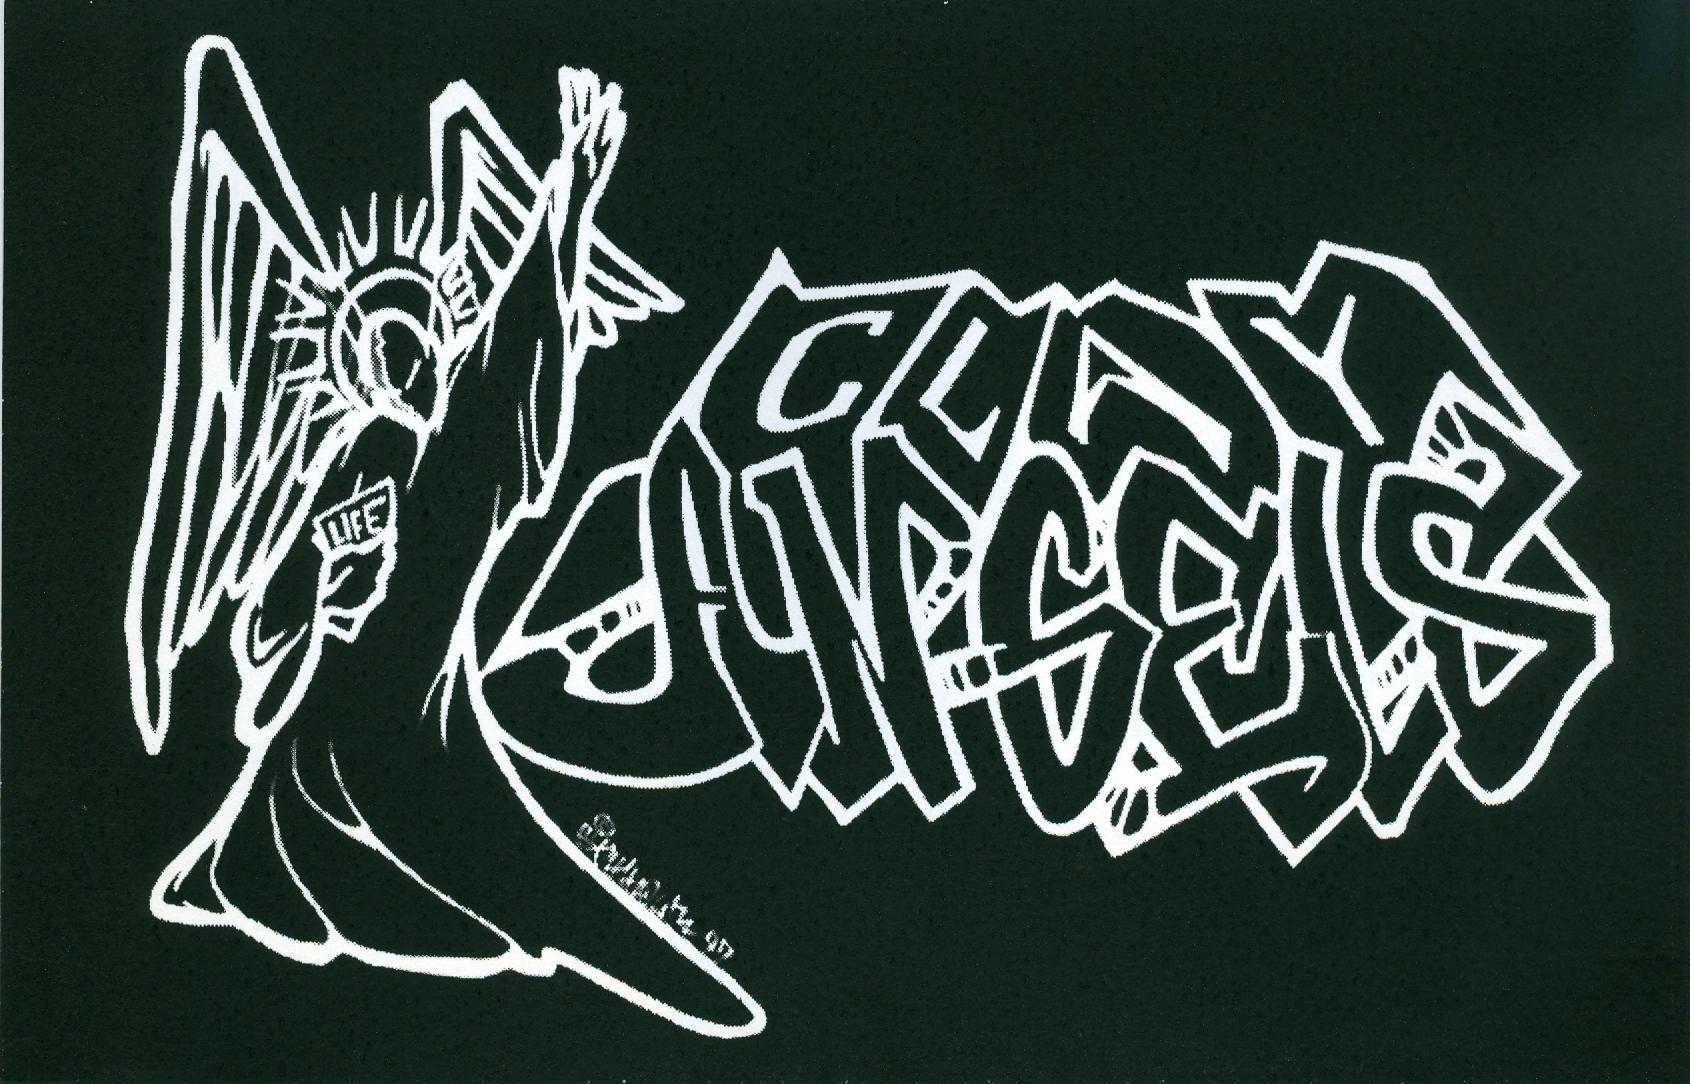 clayangels1-poster.jpg